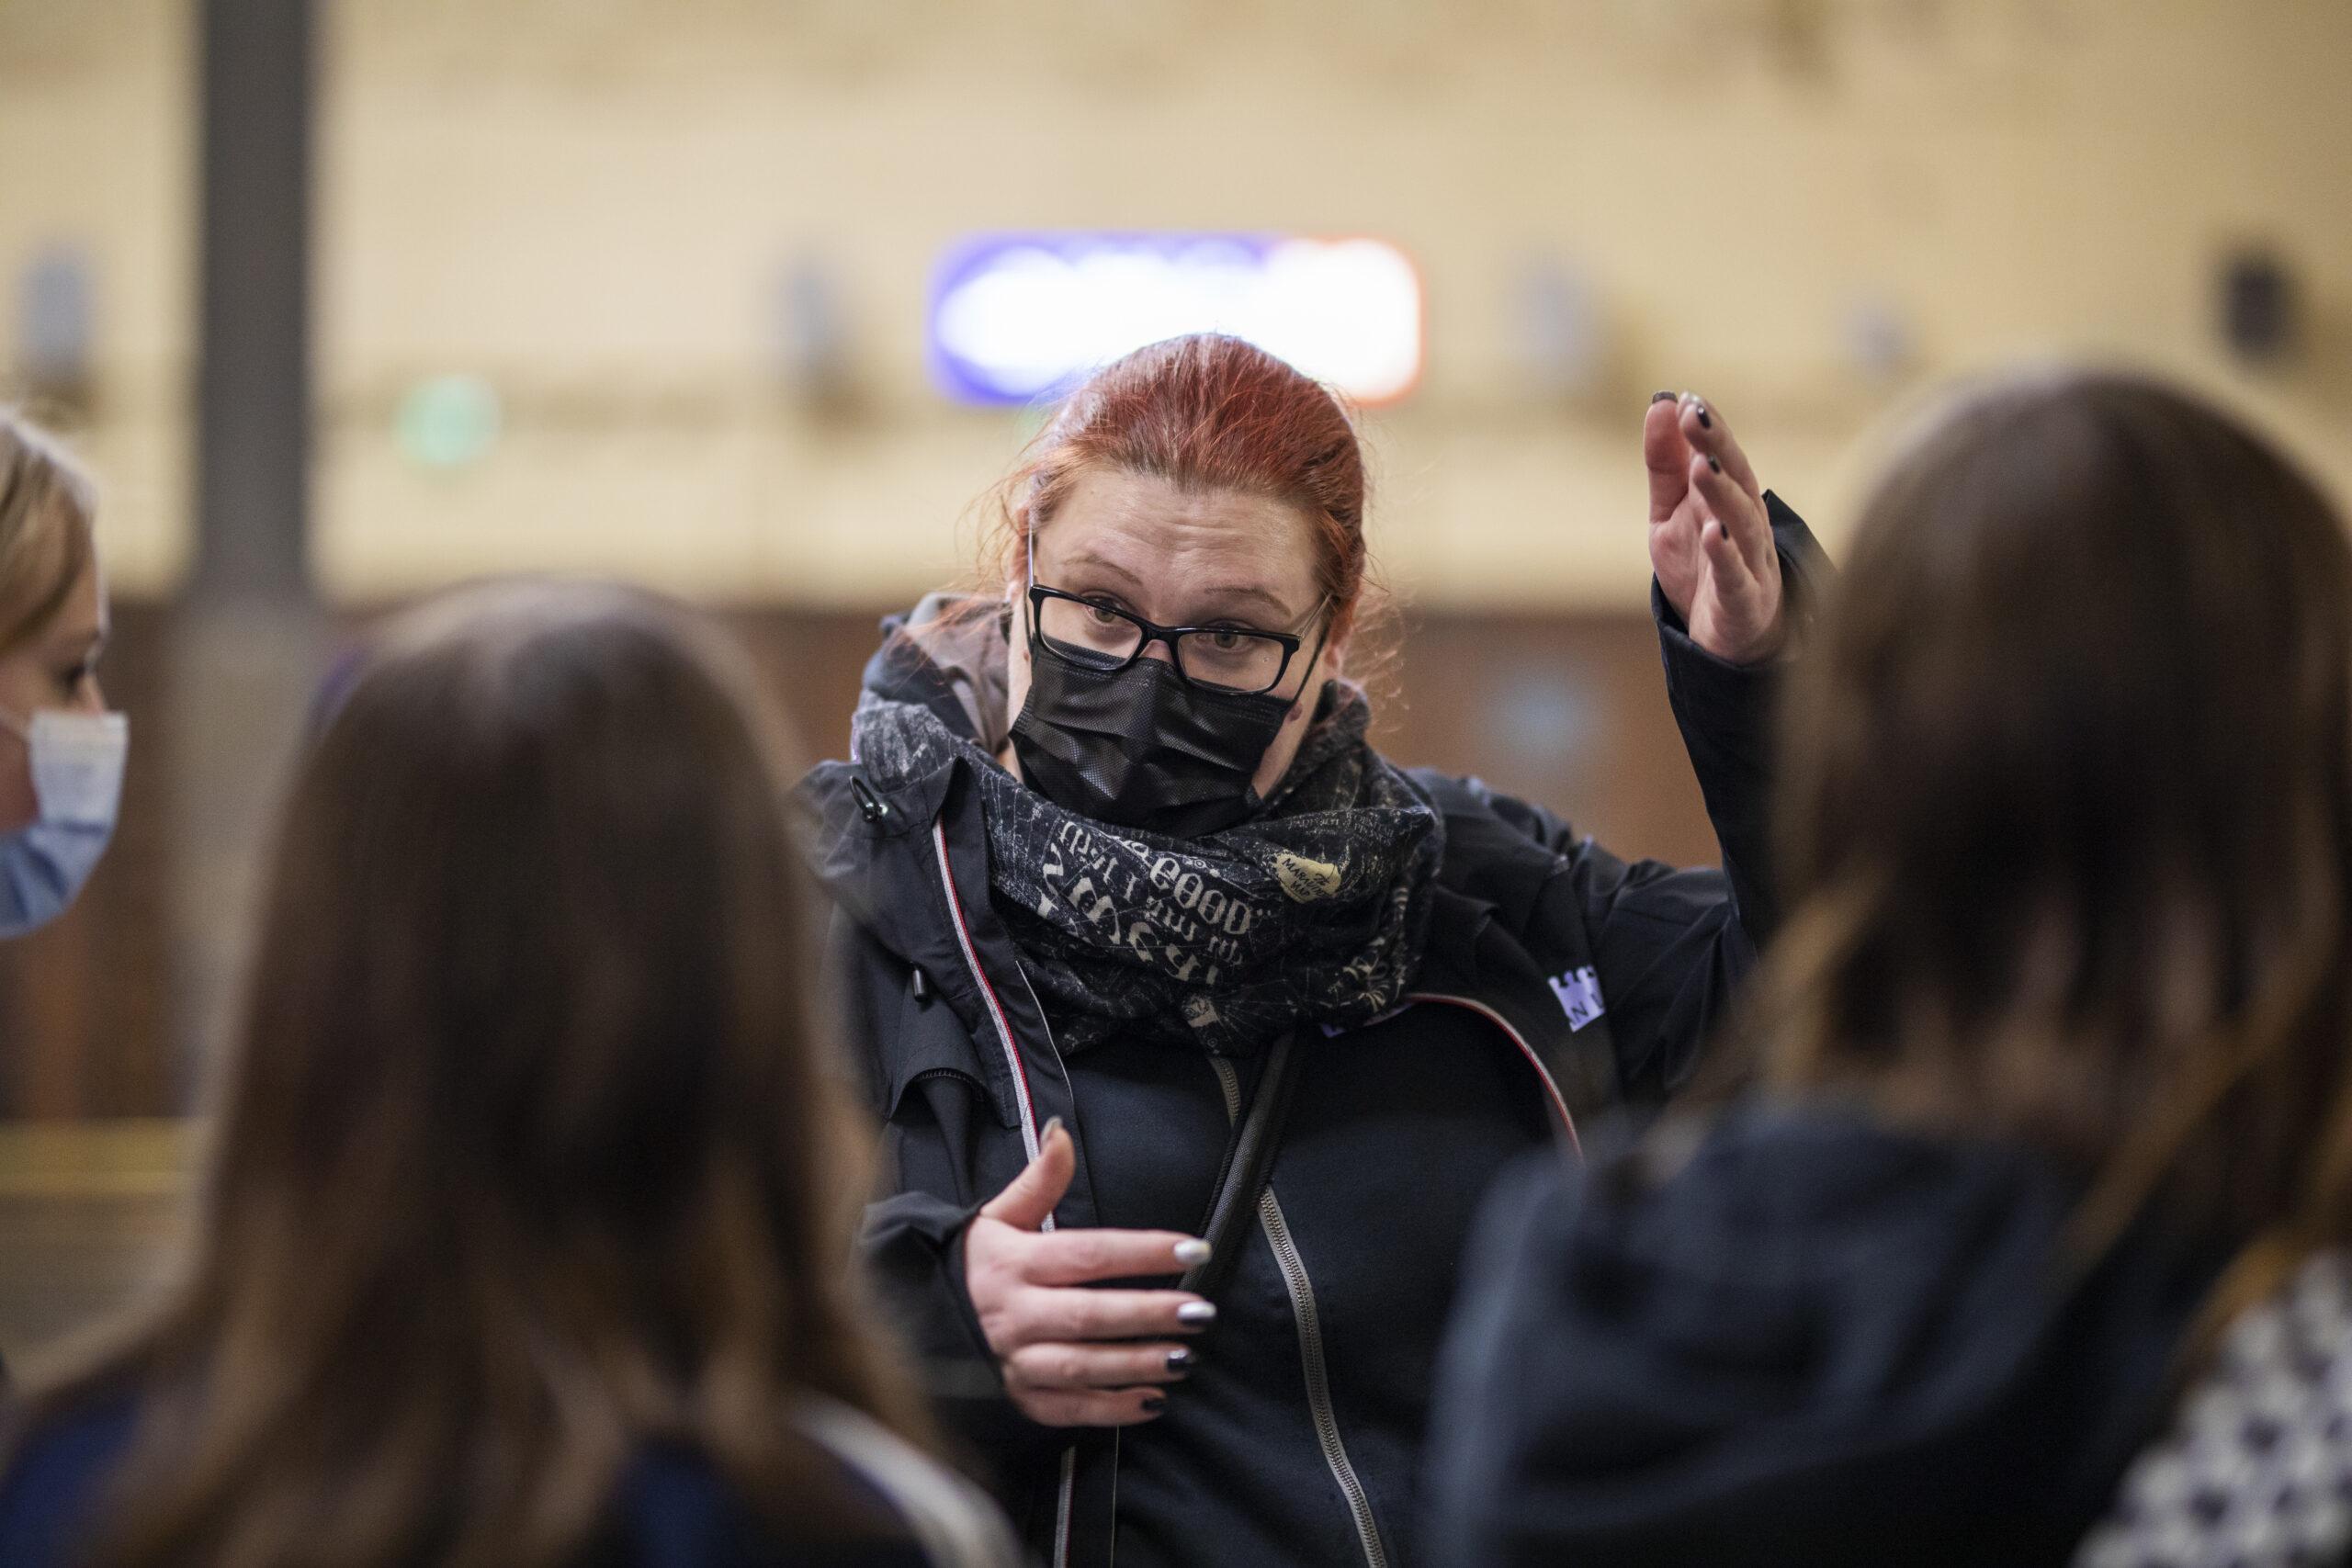 Turvallinen aikuinen juttelee nuorten kanssa, jotka ovat selin kameraan